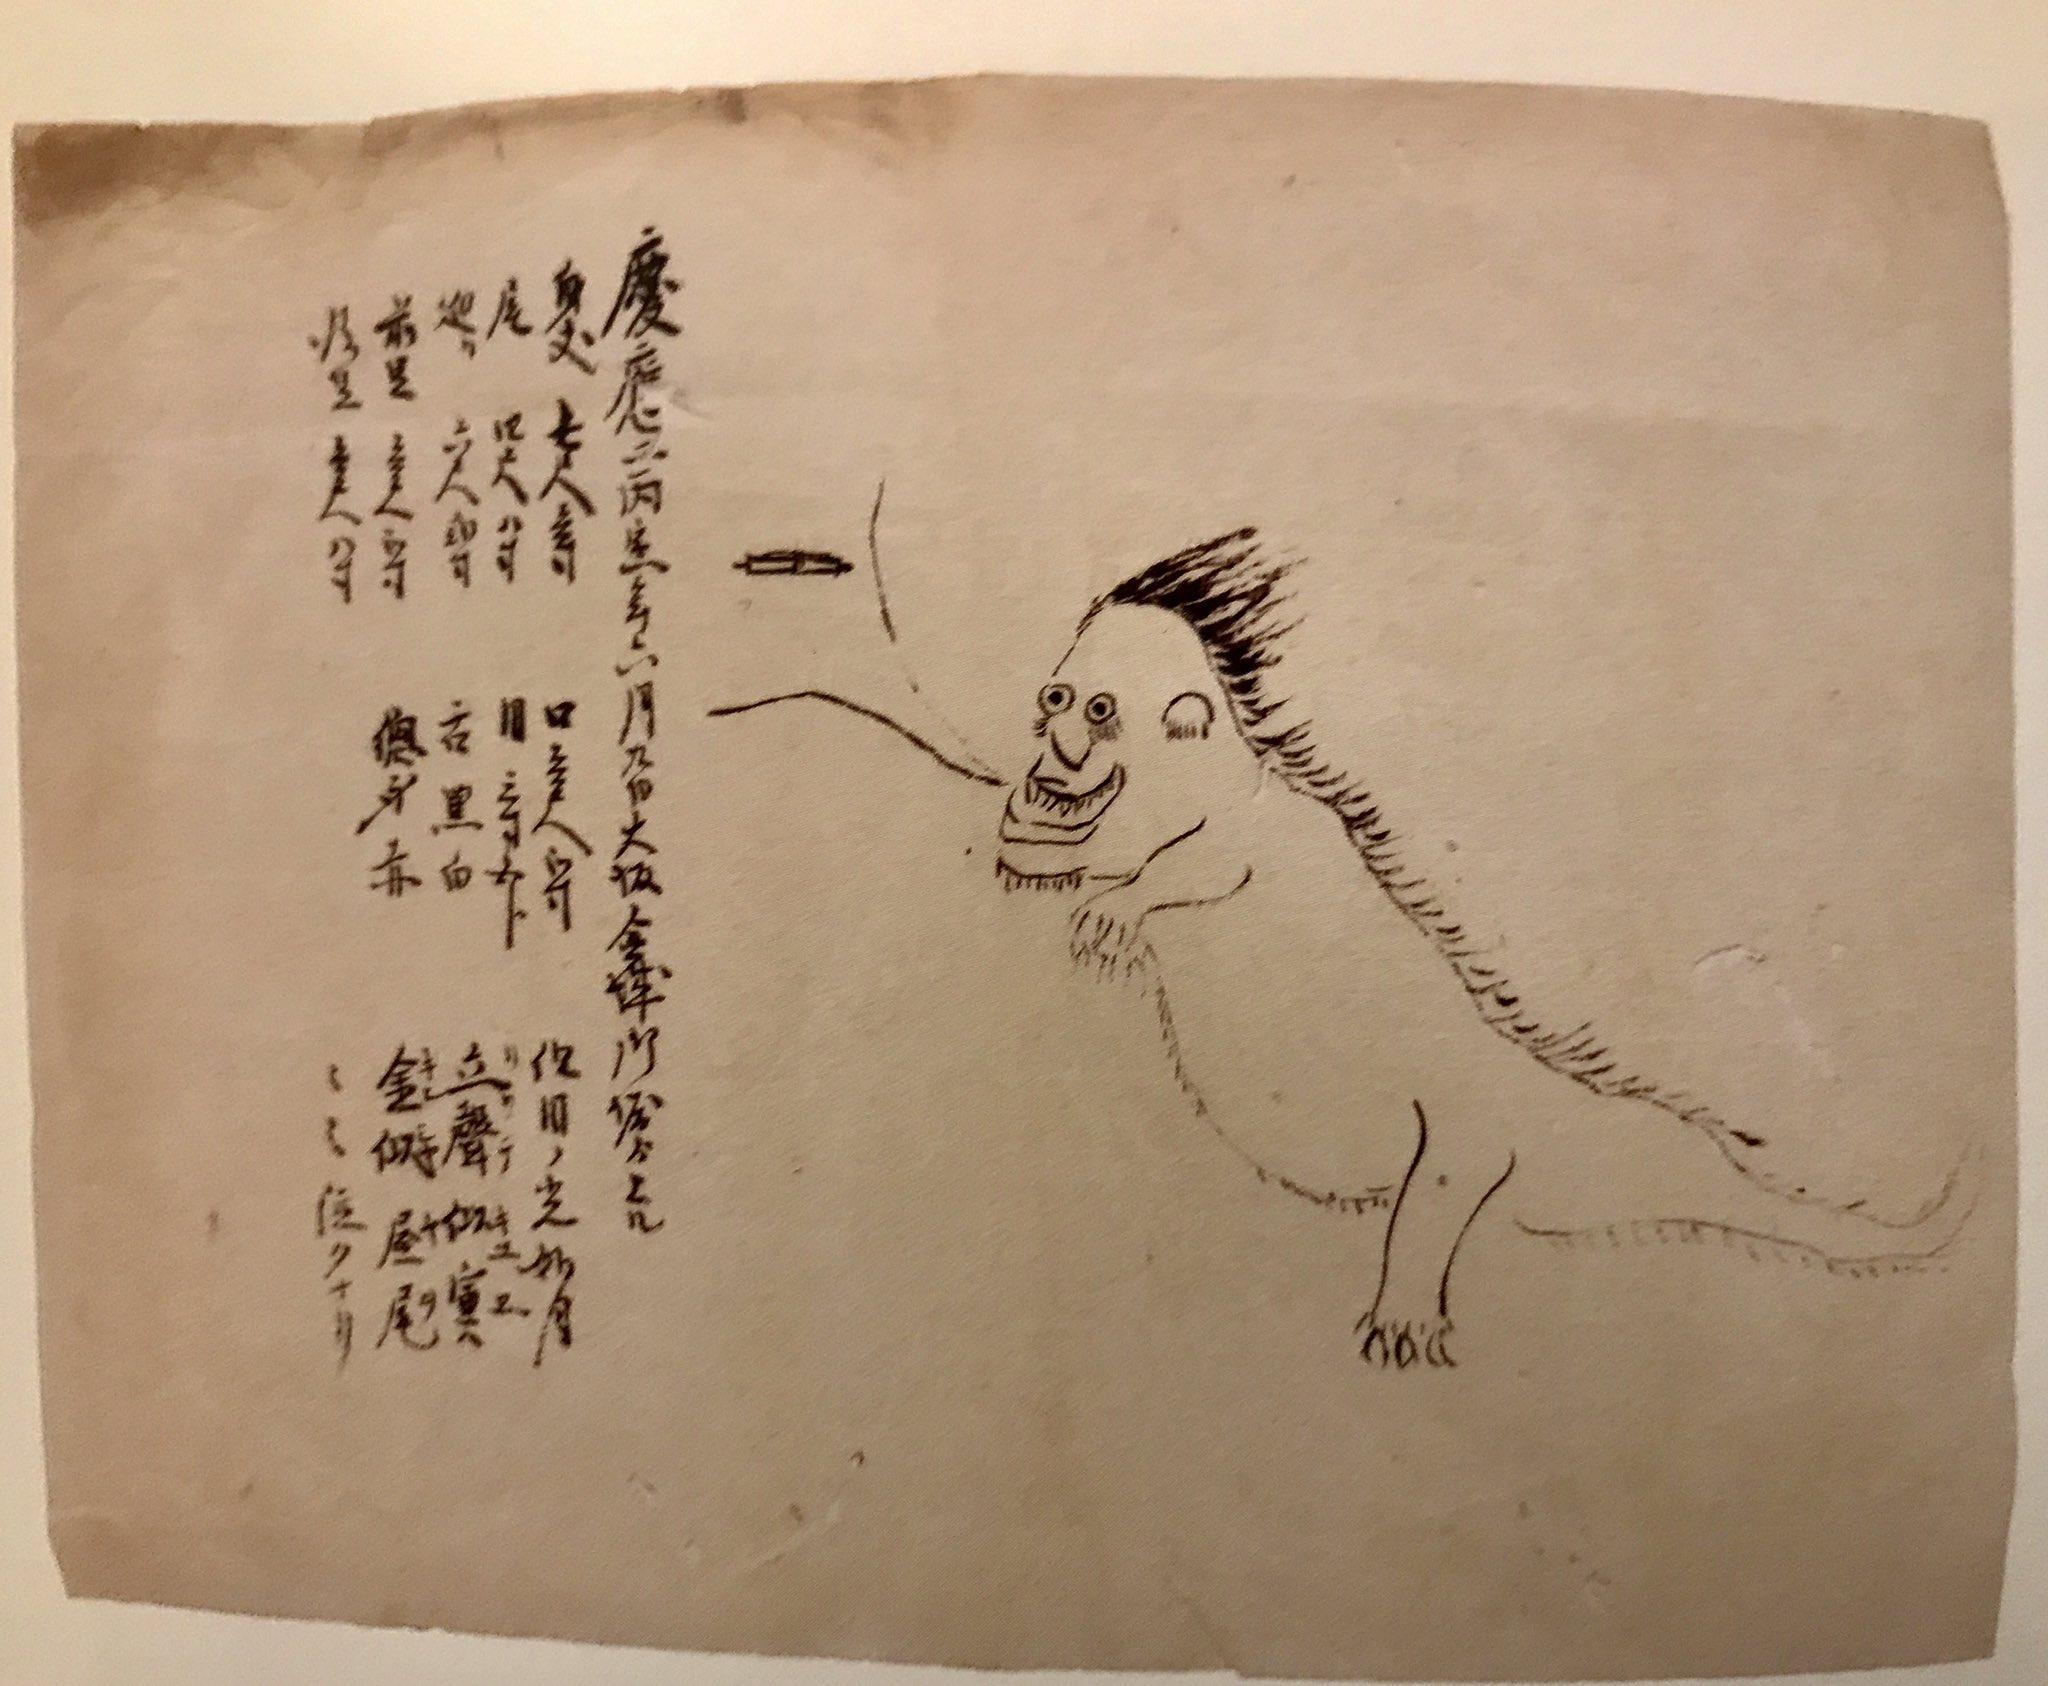 なんか凄いんだけど画力がゆるすぎる…w『日本の幻獣図譜』のゆるい幻獣が愛おしすぎるwww